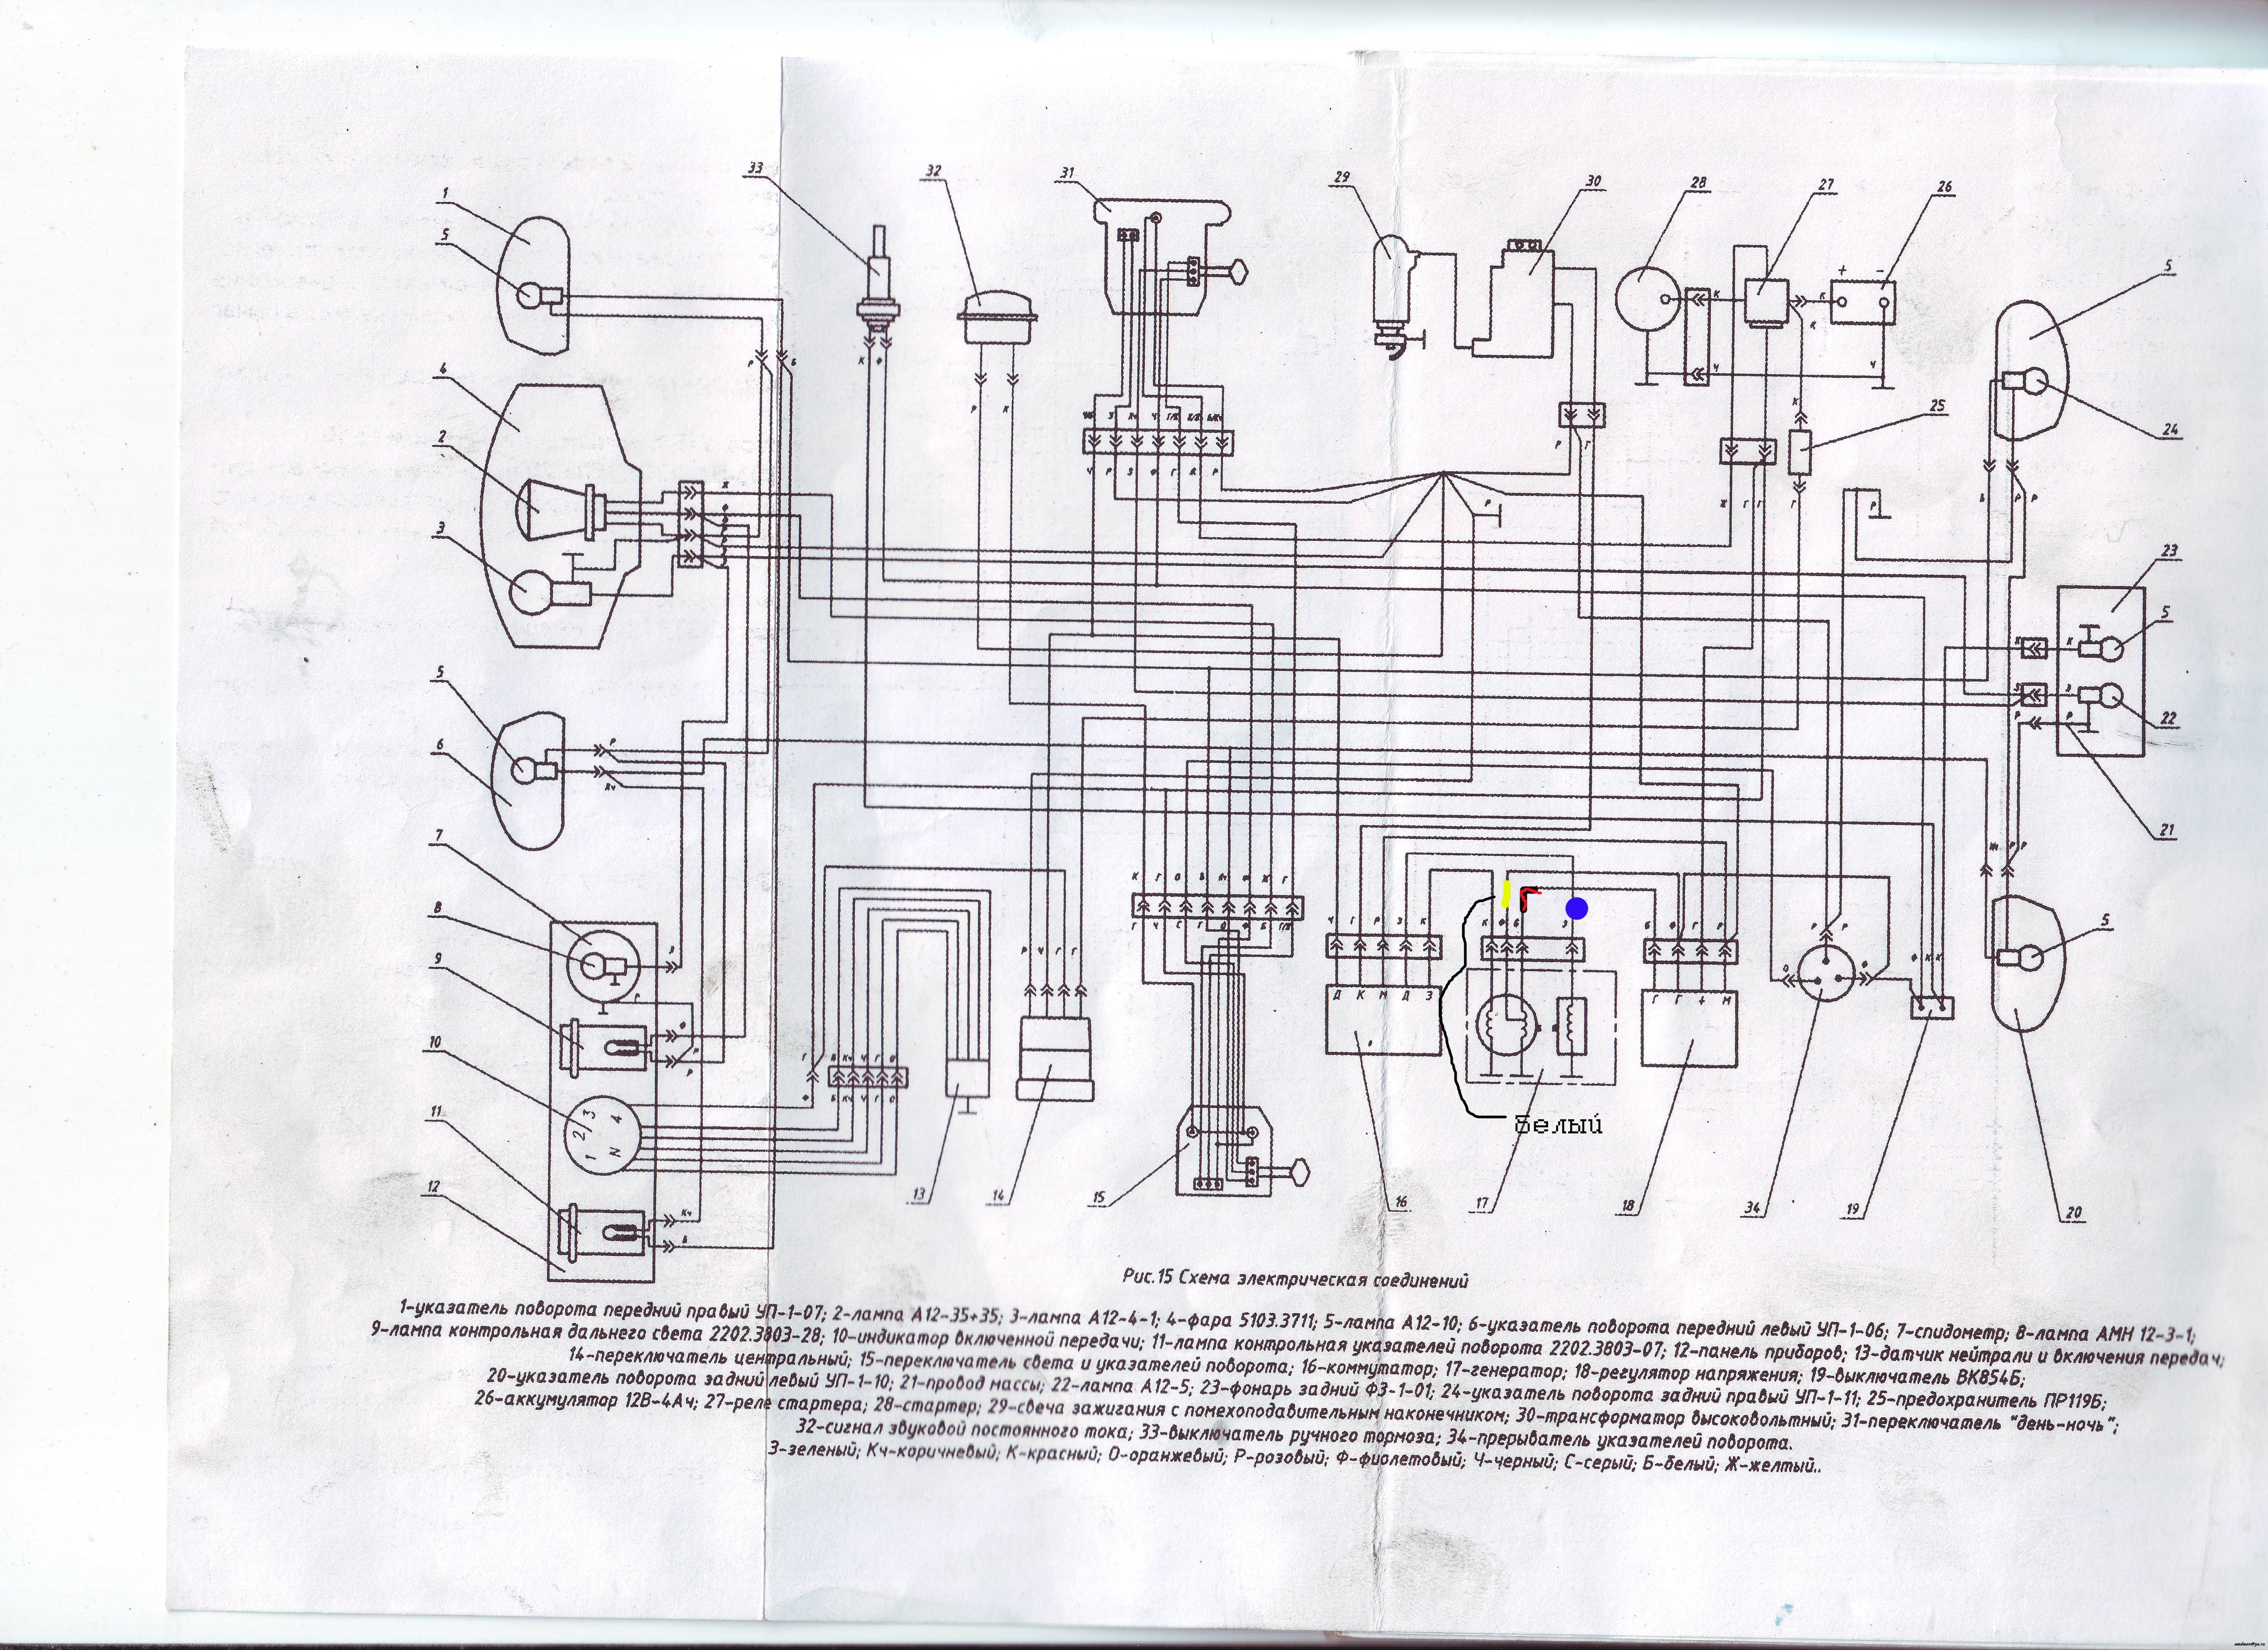 схема и диаграмма включения импульсное реле tl